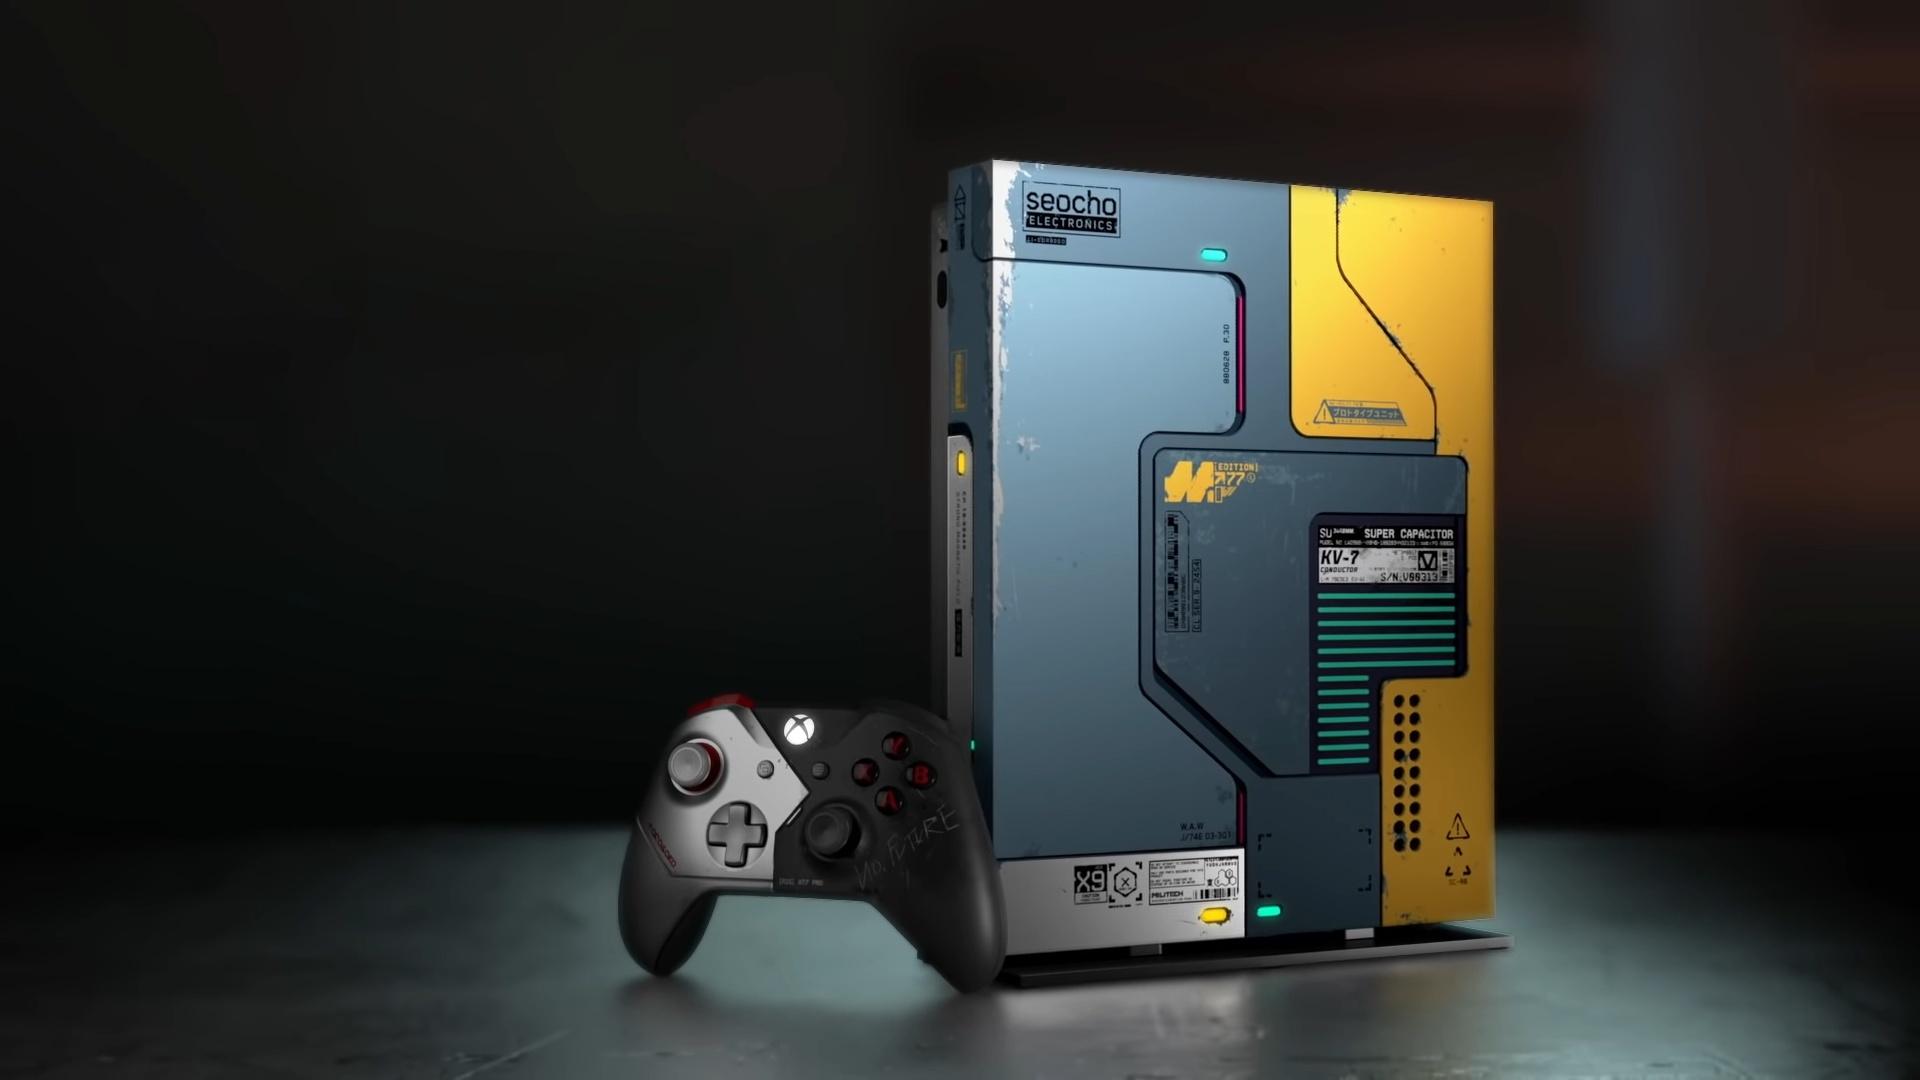 Лимитированная Xbox One X в стиле Cyberpunk 2077 уже поступила в продажу